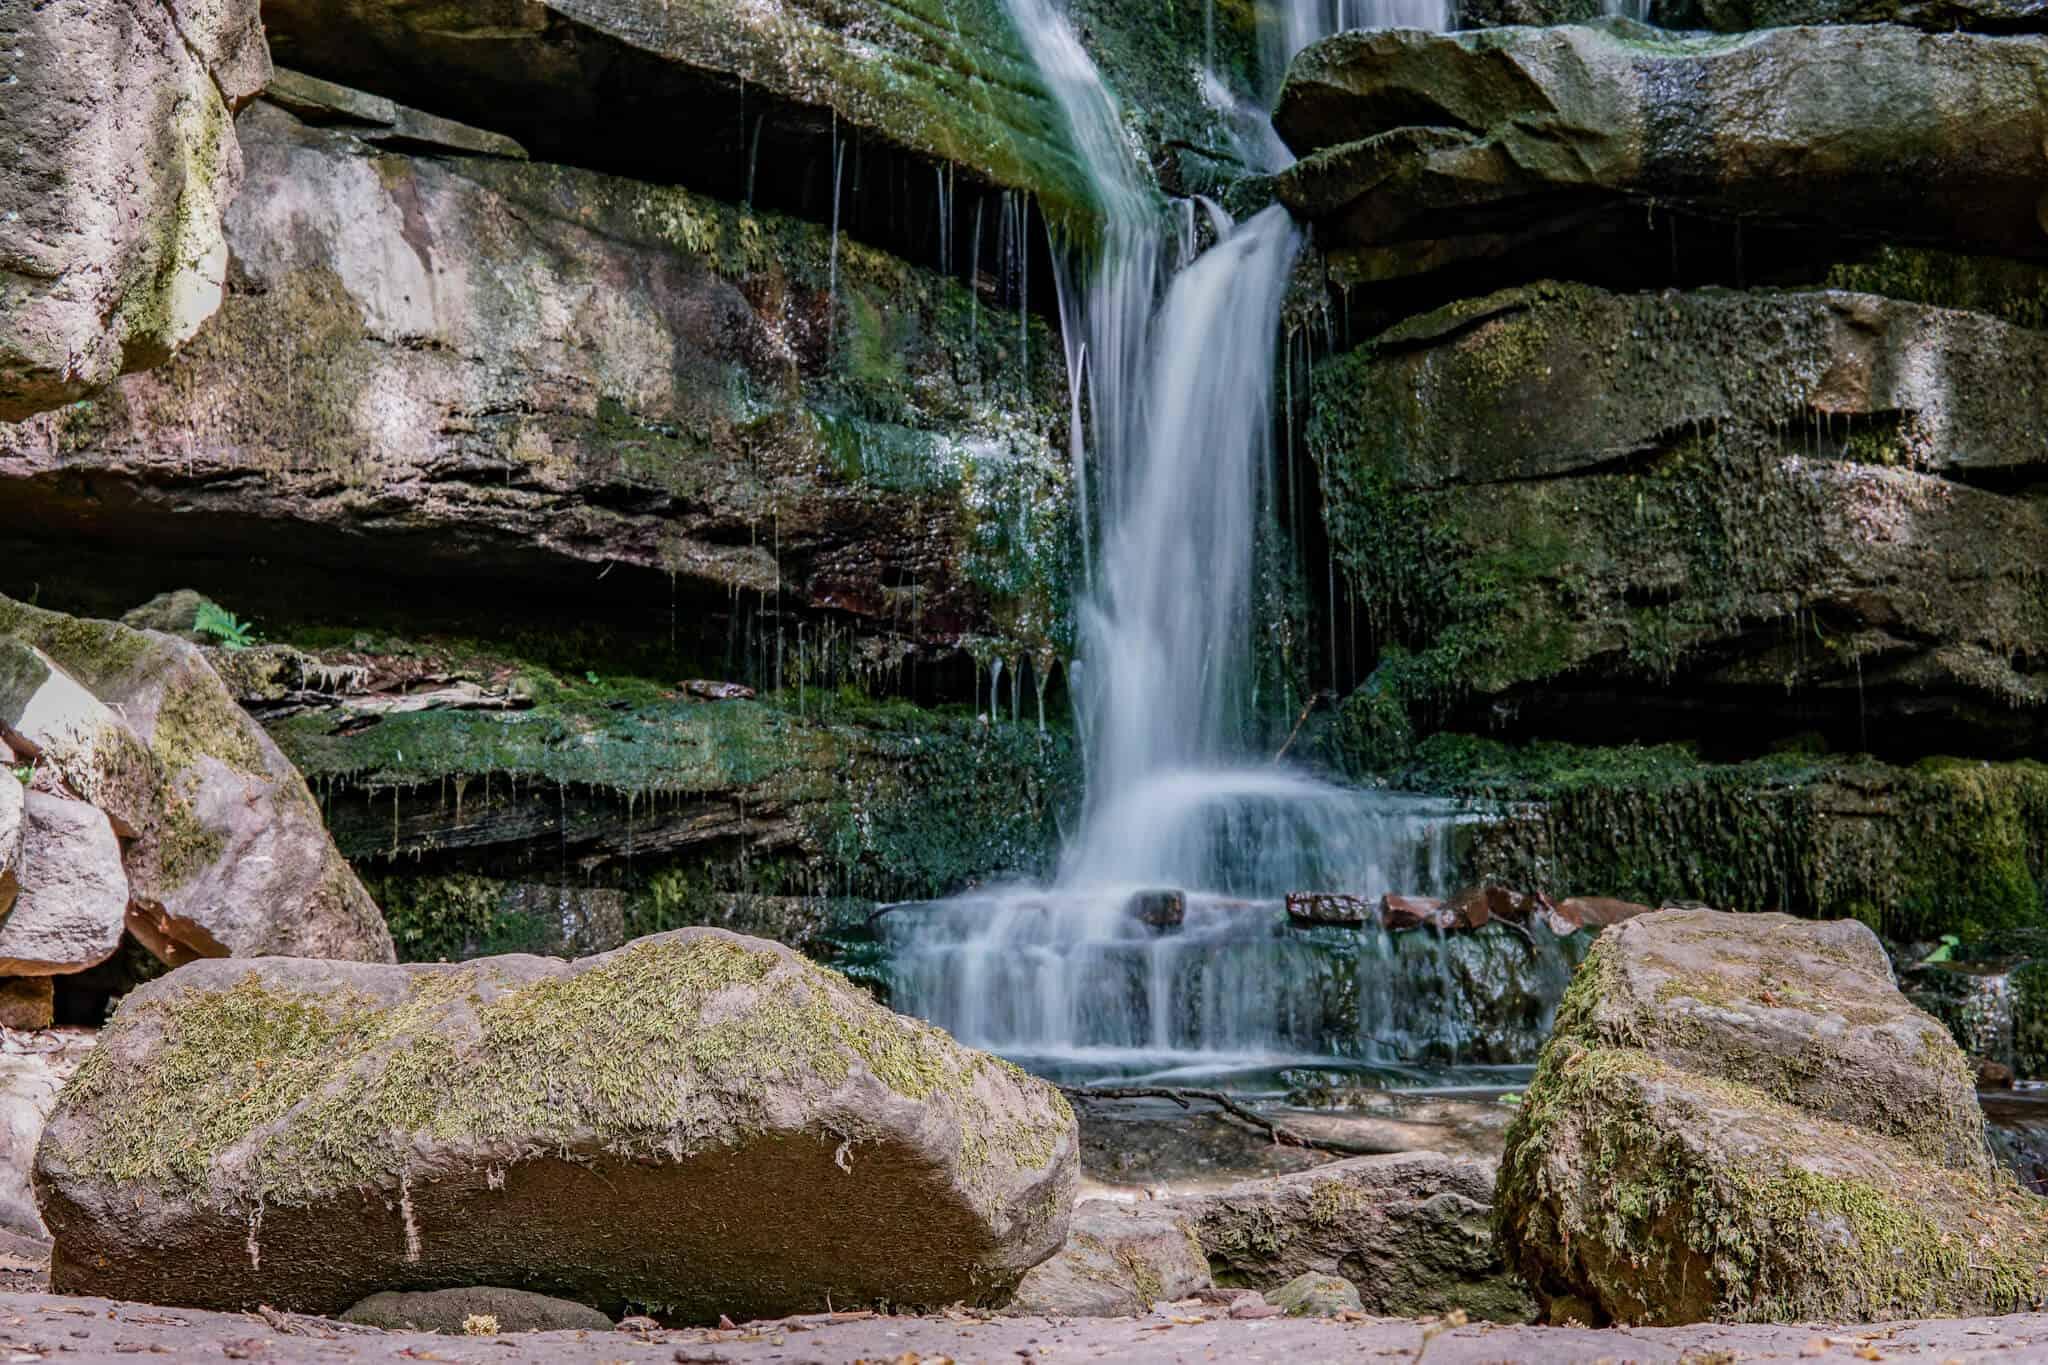 Wandern im Odenwald: Der 10 Meter hohe Wasserfall in der Margarethenschlucht